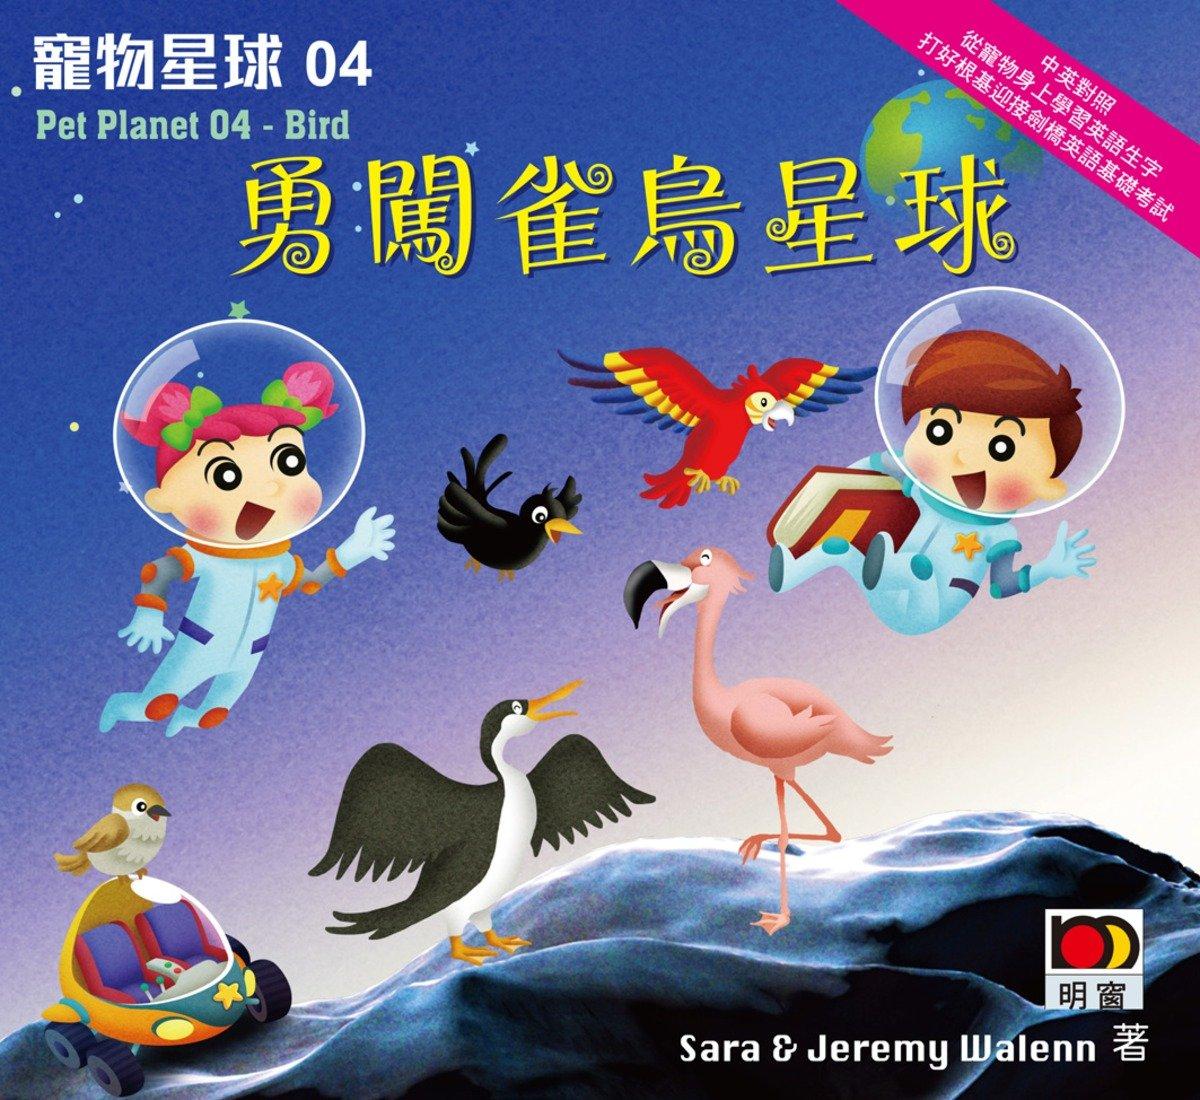 寵物星球04:勇闖雀鳥星球